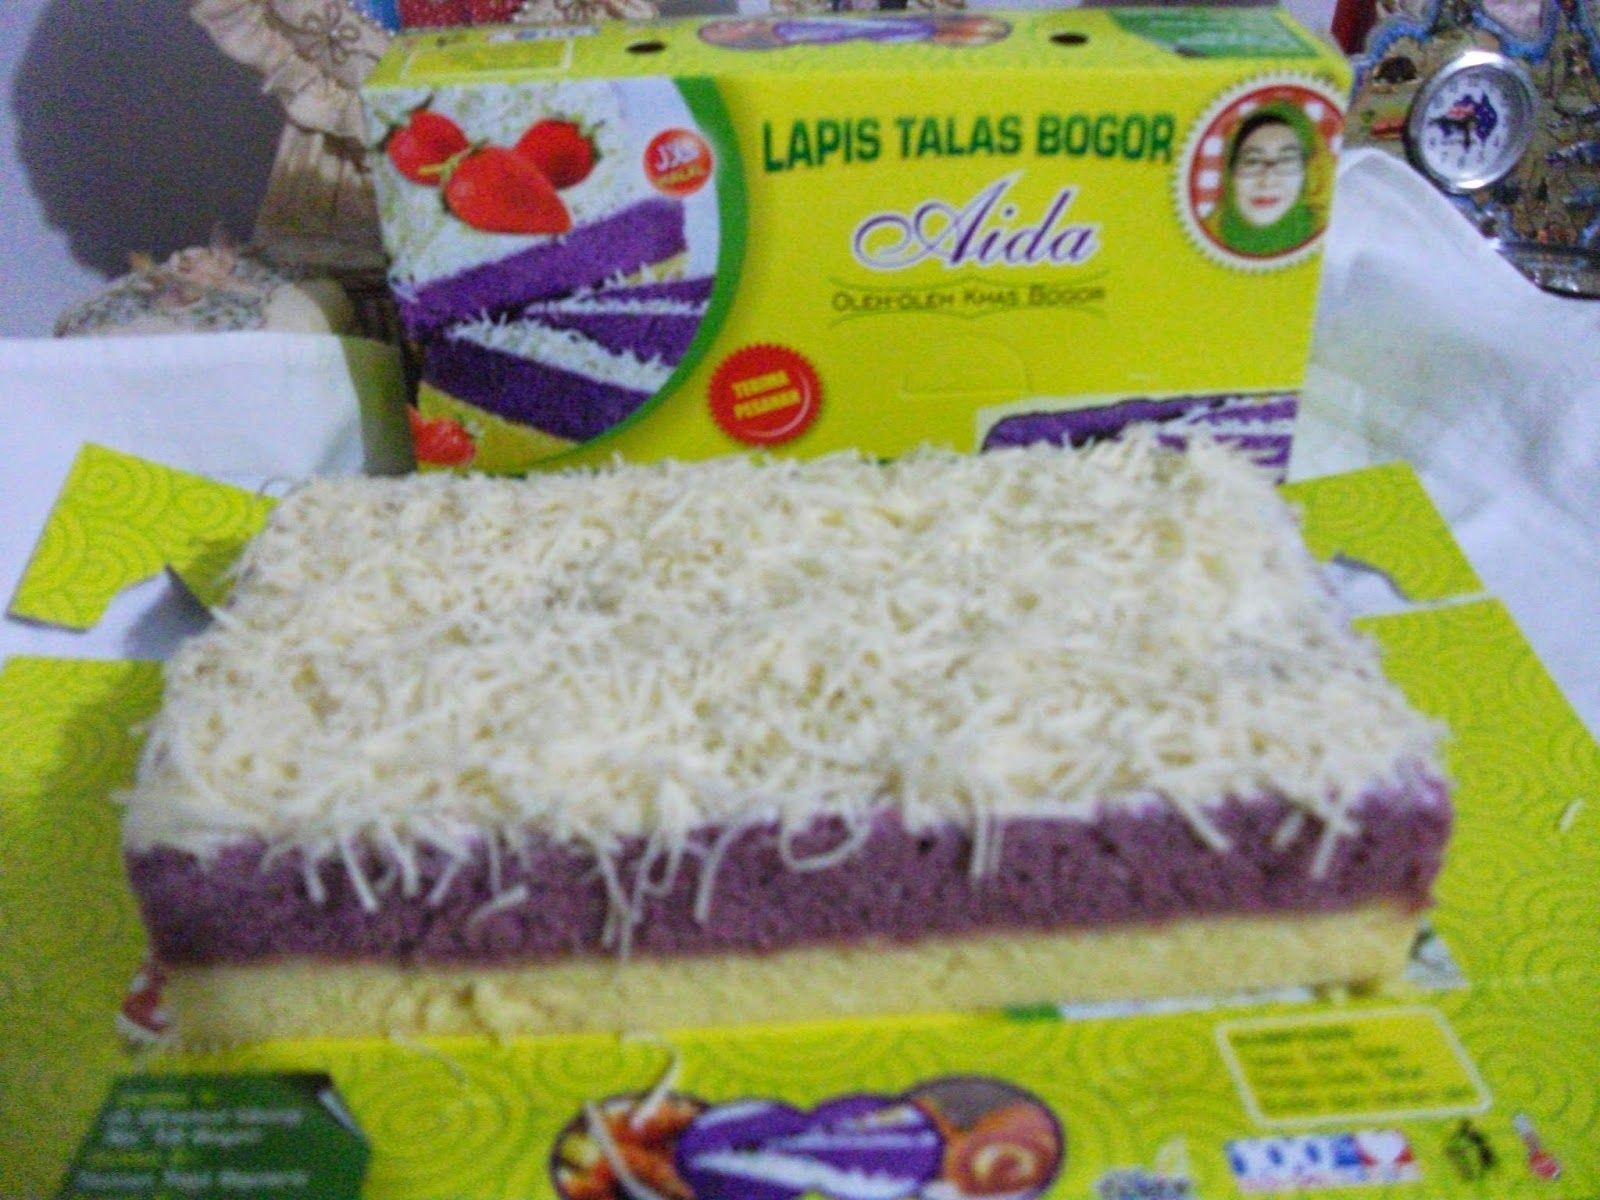 Lapis Talas Bogor Resep Kue Kue Resep